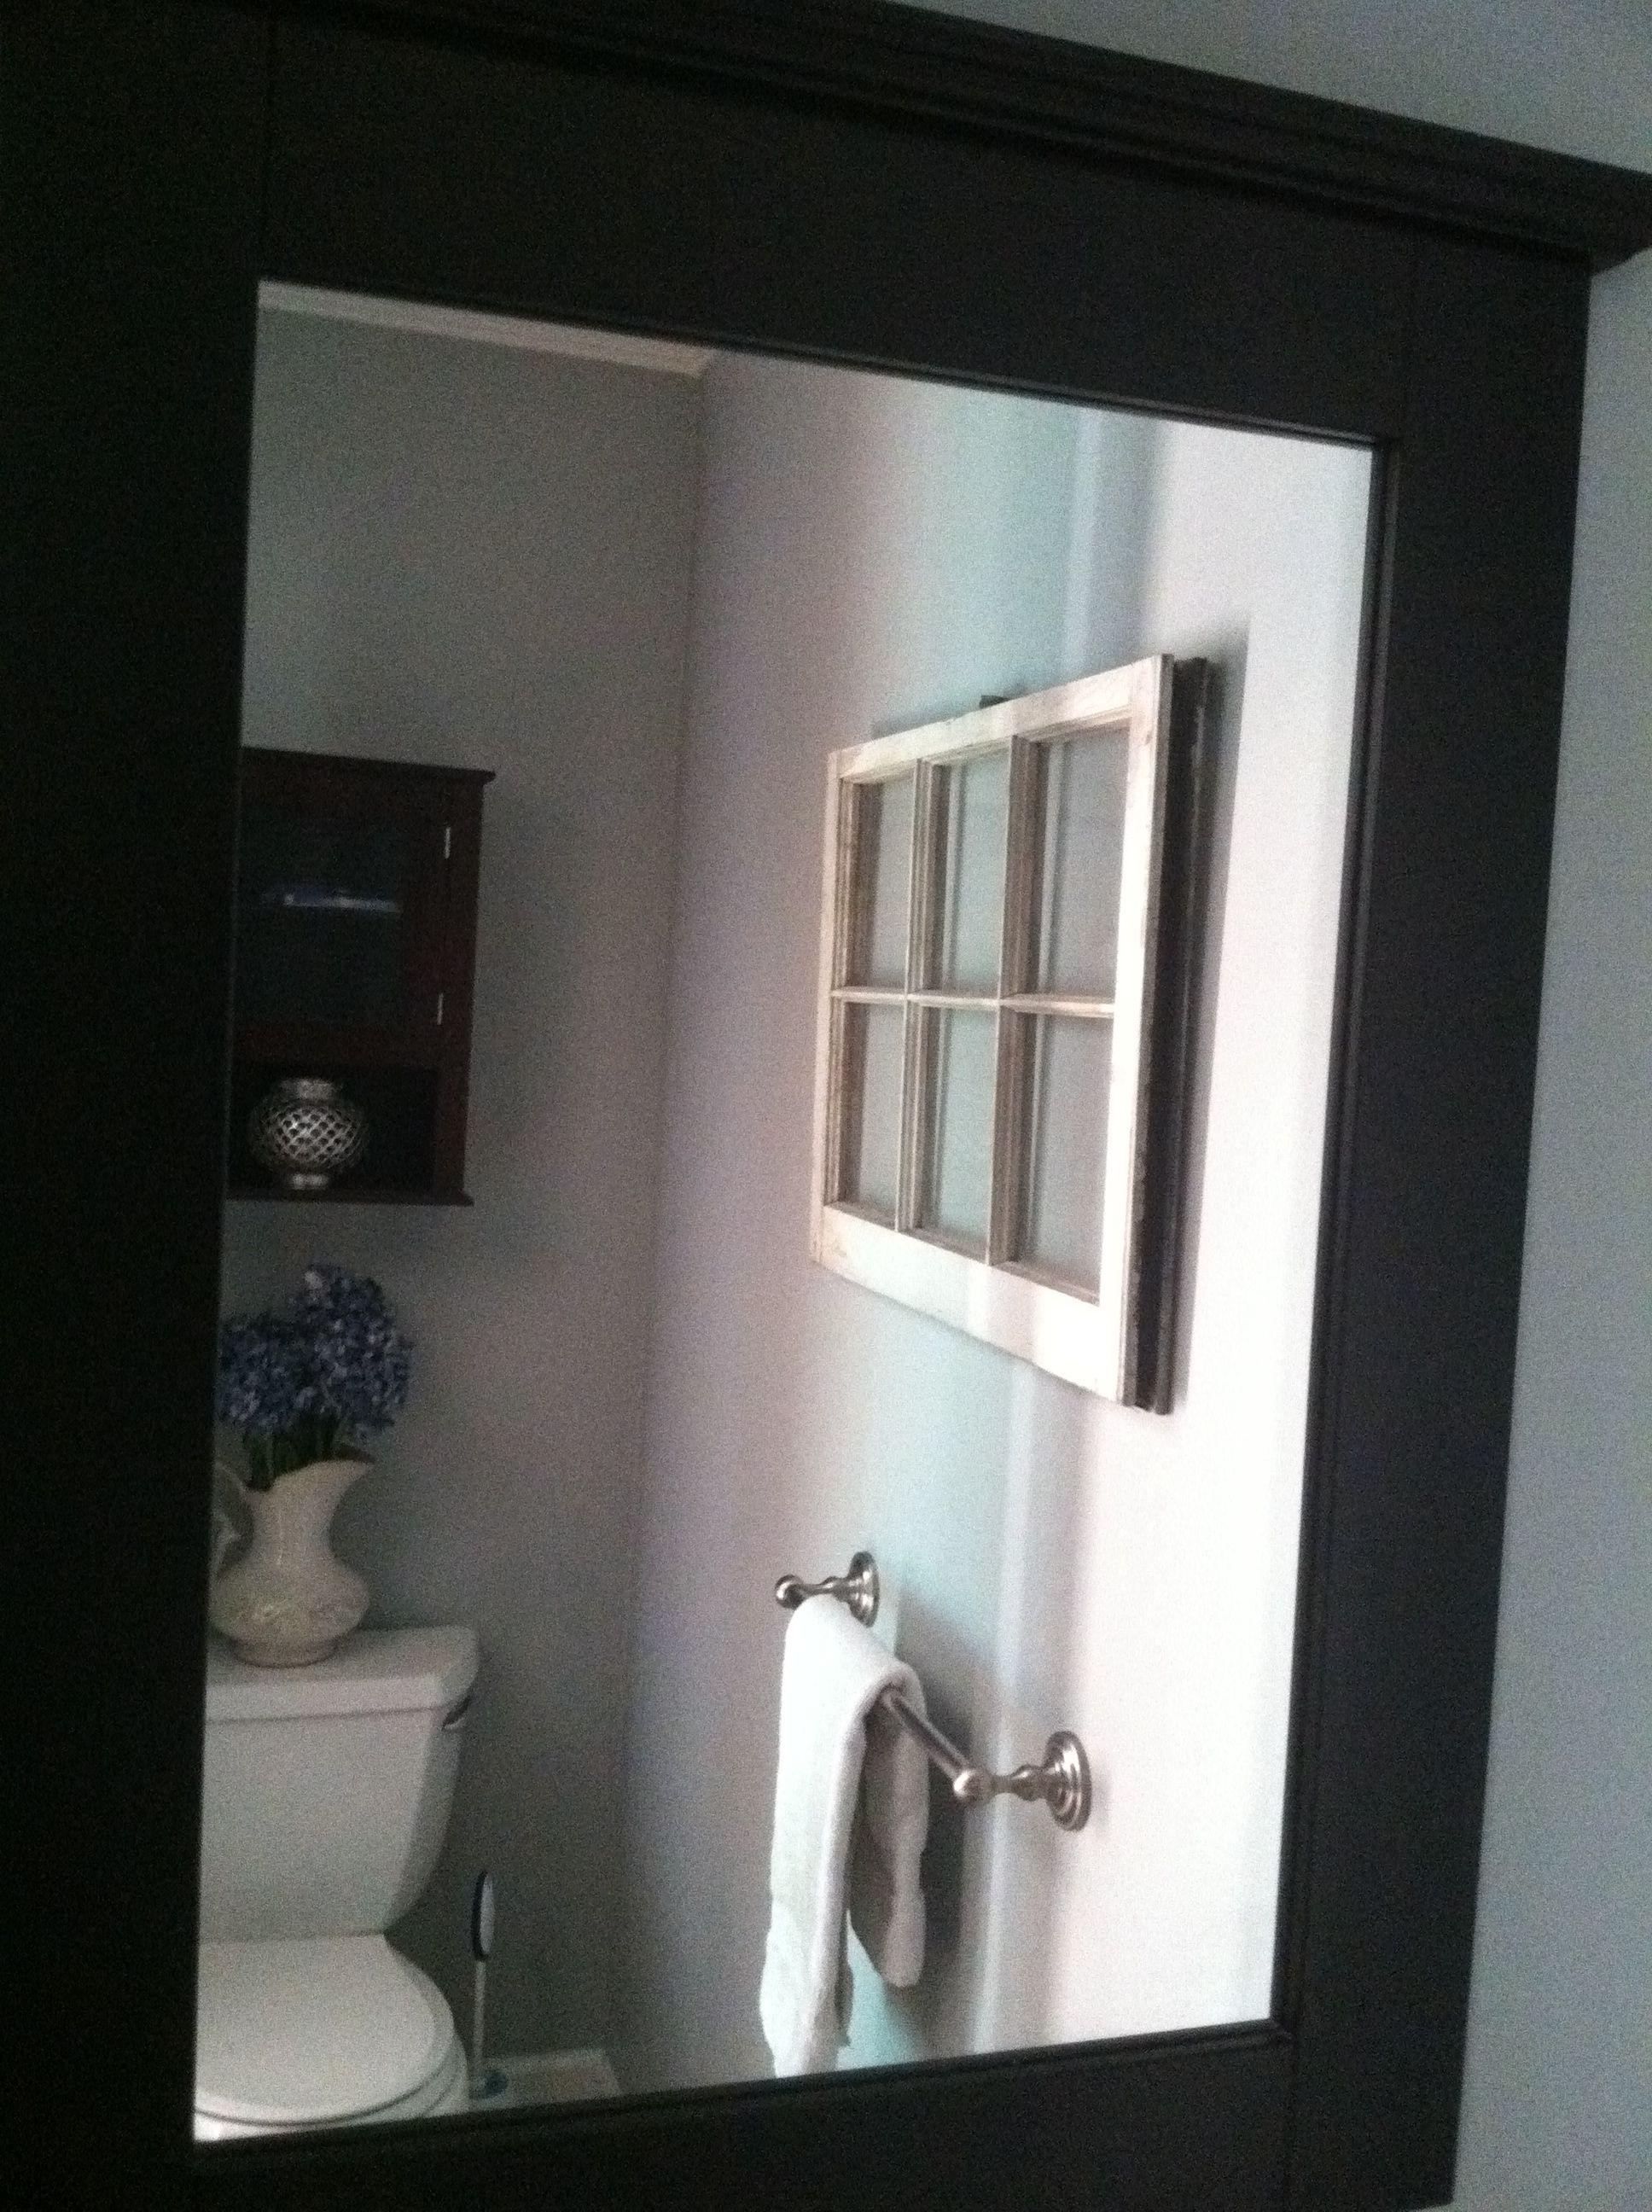 Bathroom Mirrors Marshalls marshalls bathroom accessories | bathroom finds at marshalls